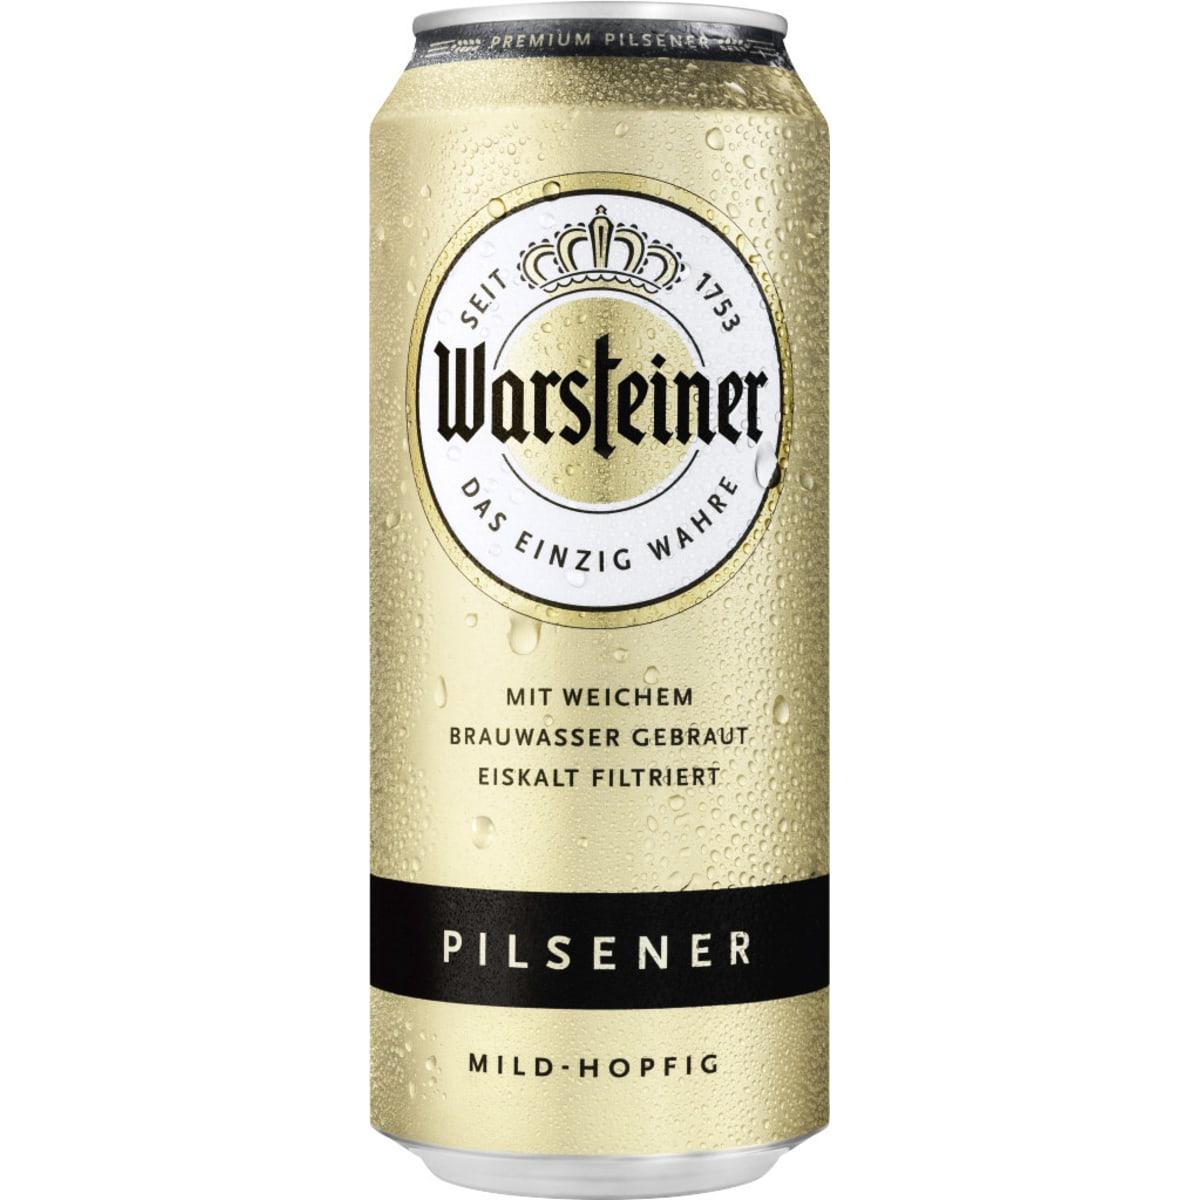 Wasteiner